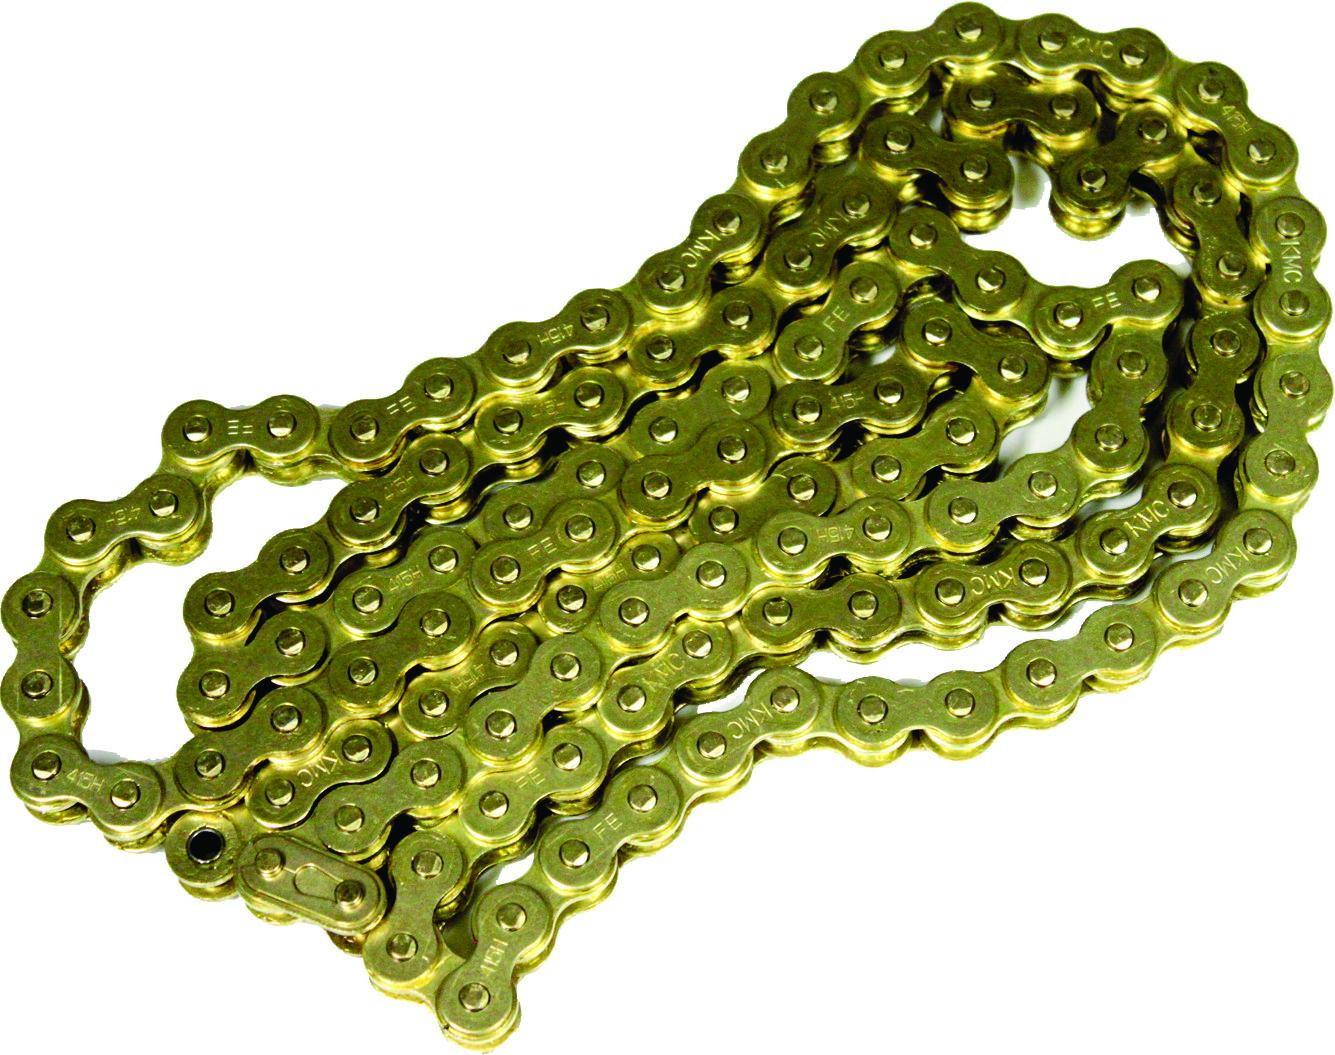 2-Stroke Chain #415 120 Links